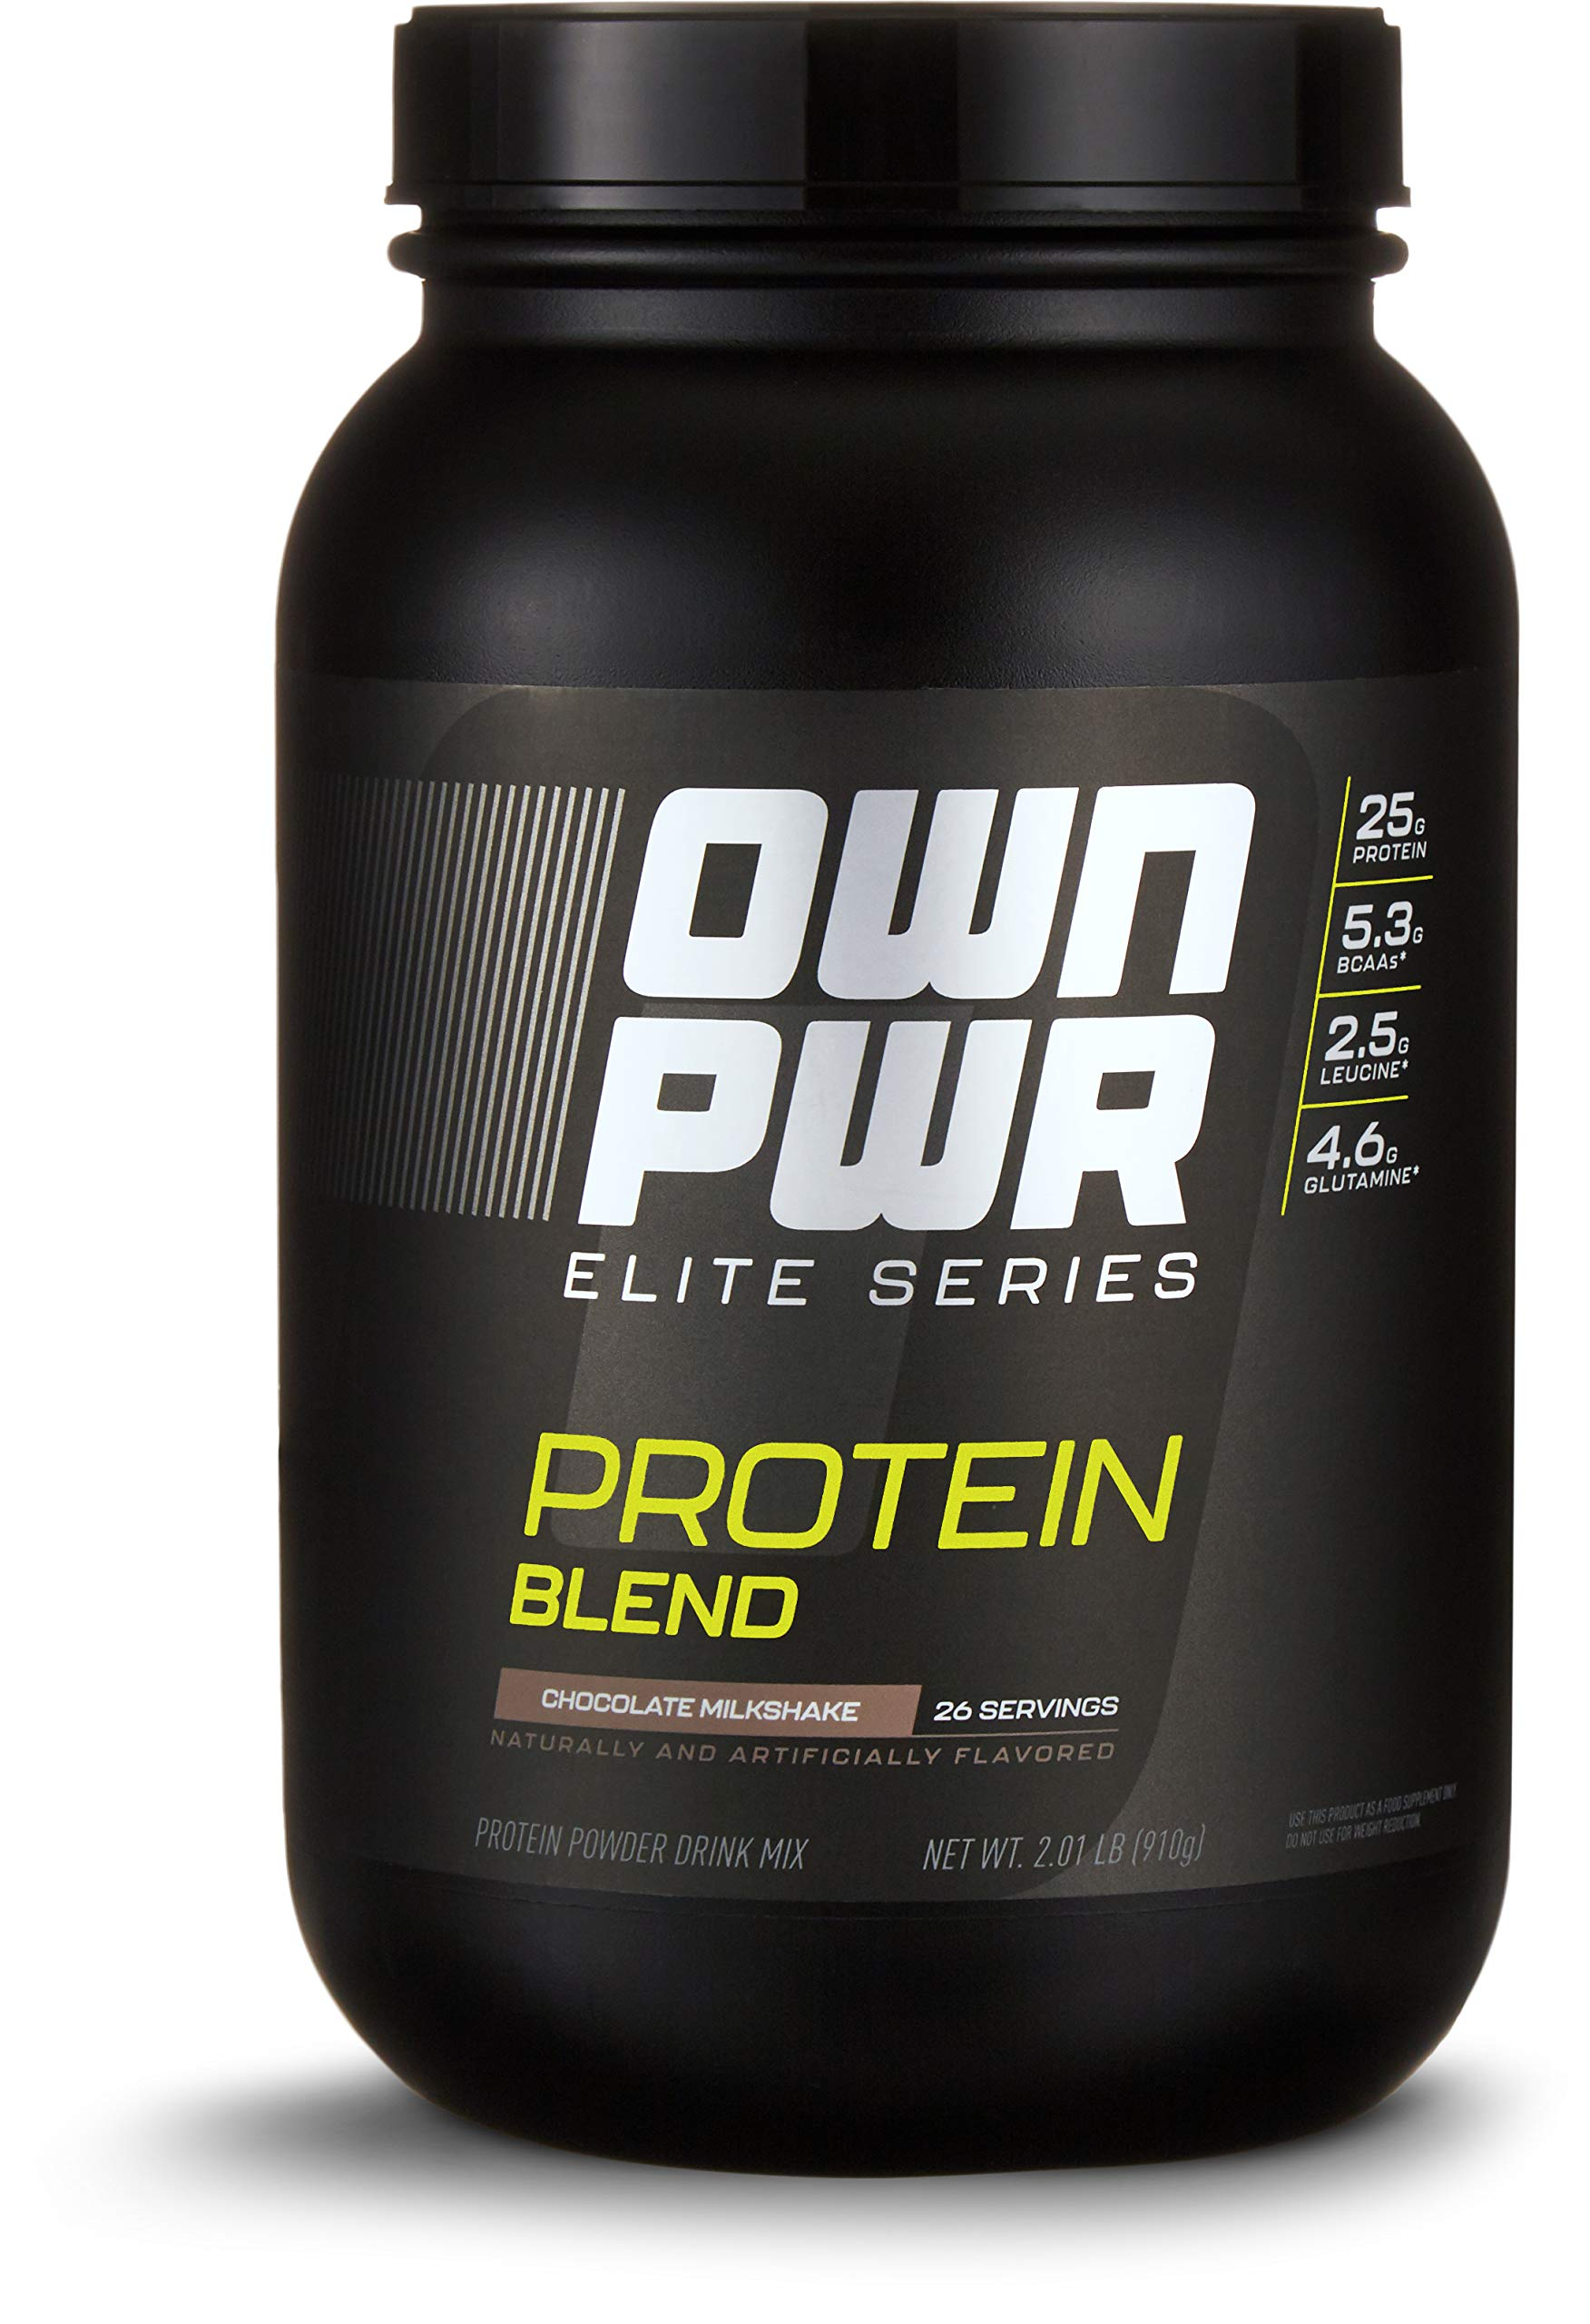 Amazon Brand - OWN PWR Elite Series Protein Powder, Chocolate Milkshake, 2 lb, Protein Blend (Whey Isolate, Milk Isolate, Micellar Casein)